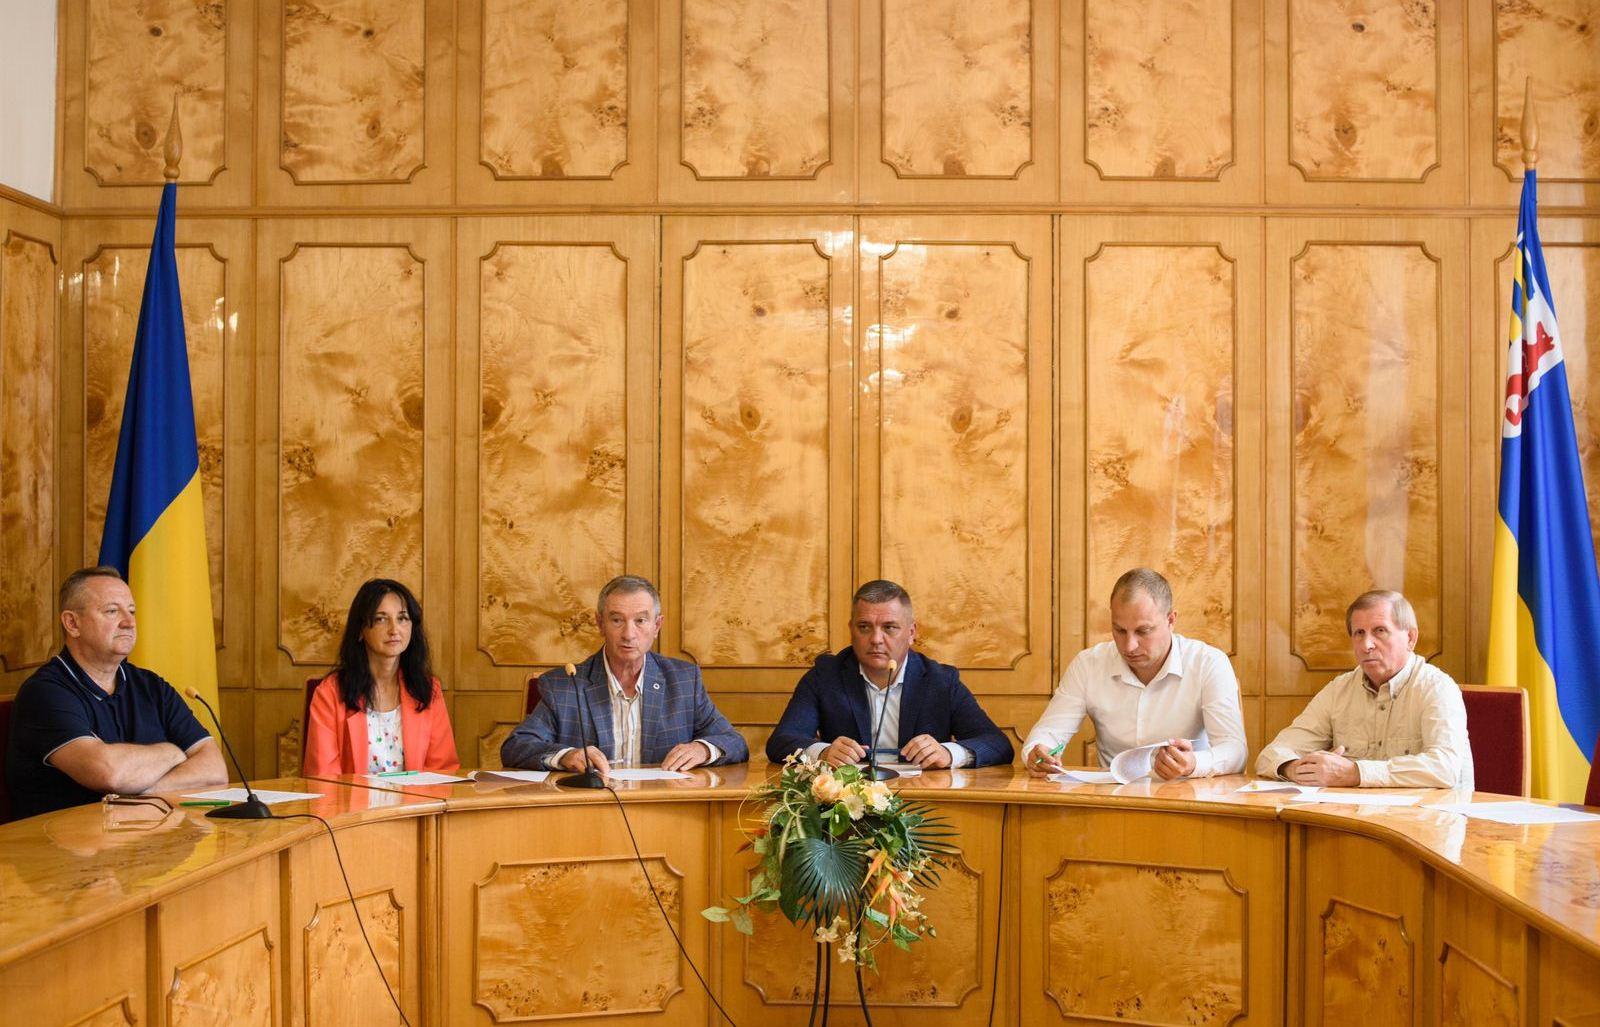 В ОДА підписали Меморандум про всебічне і цілеспрямоване сприяння регіональному та місцевому розвитку територій і громад Закарпаття